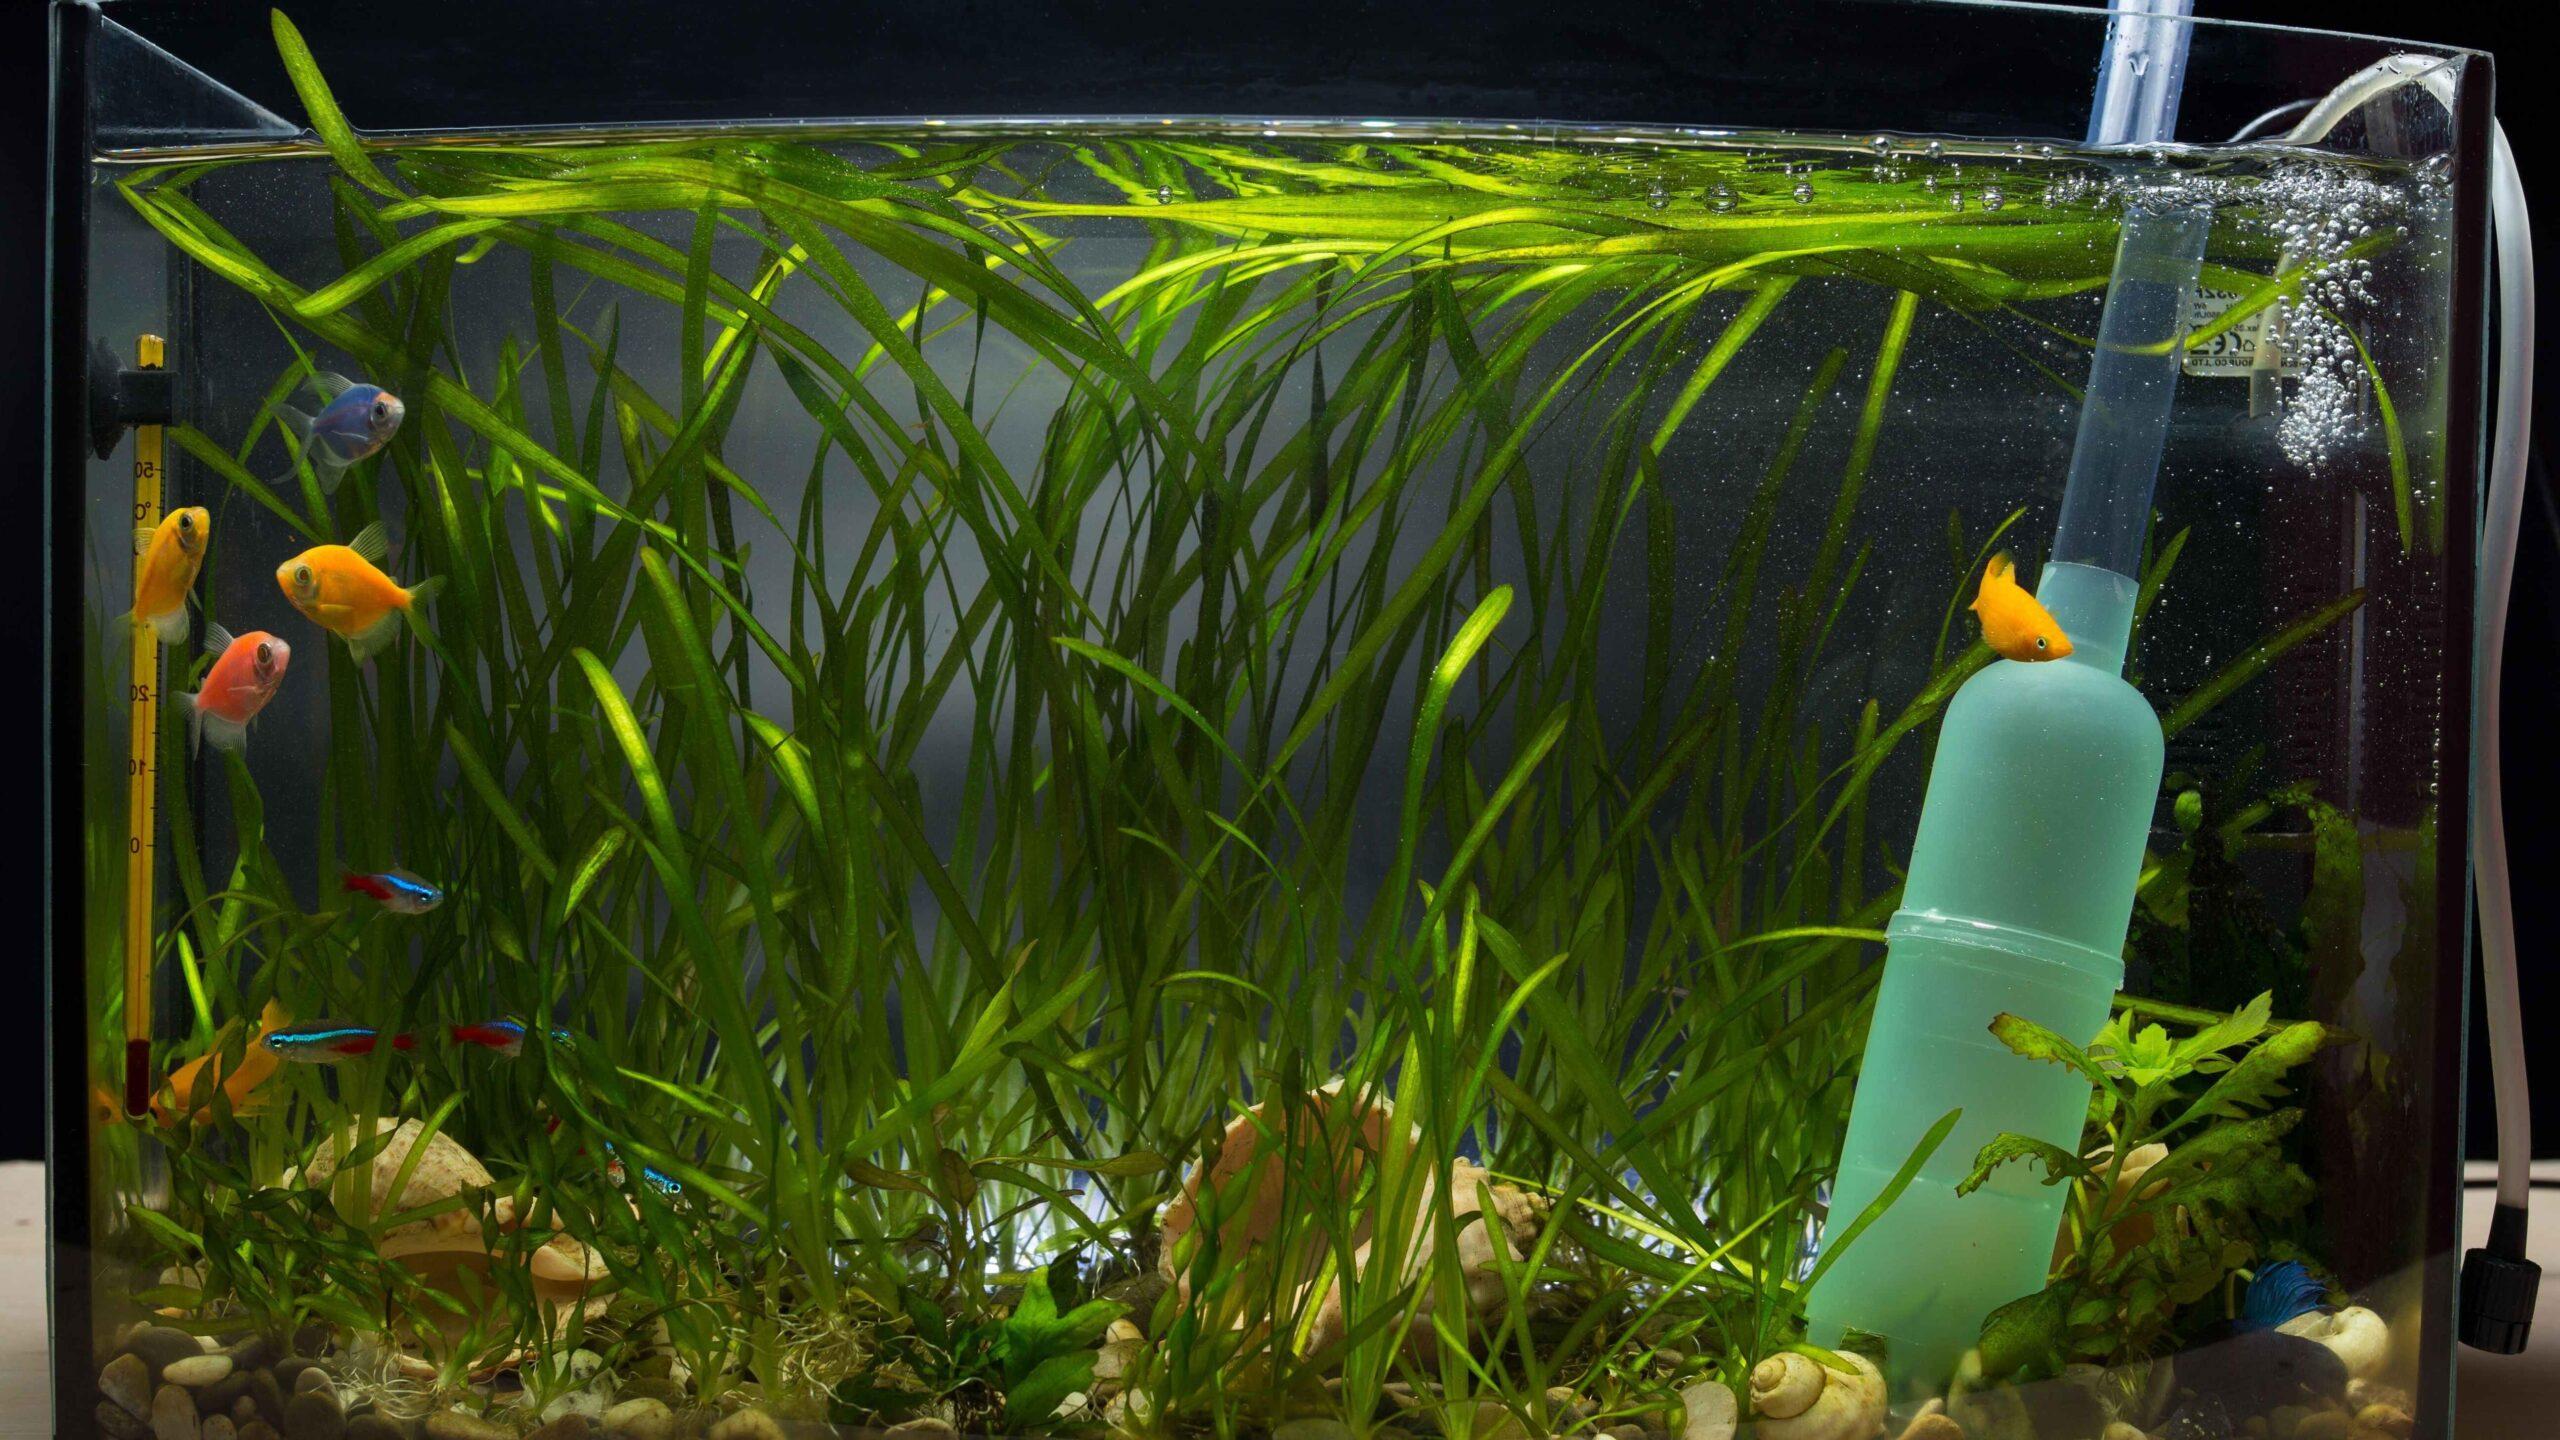 Pourquoi l'eau de l'aquarium est trouble ?